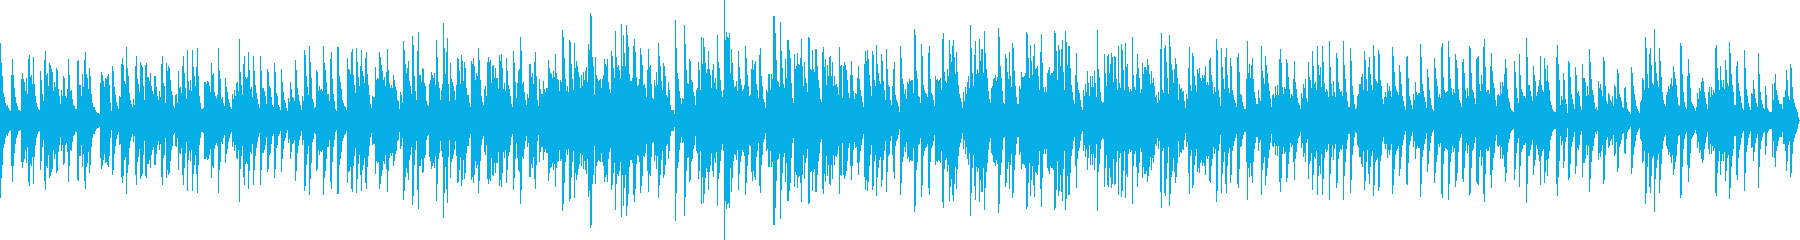 ジャズソロピアノ(ループ仕様)の再生済みの波形